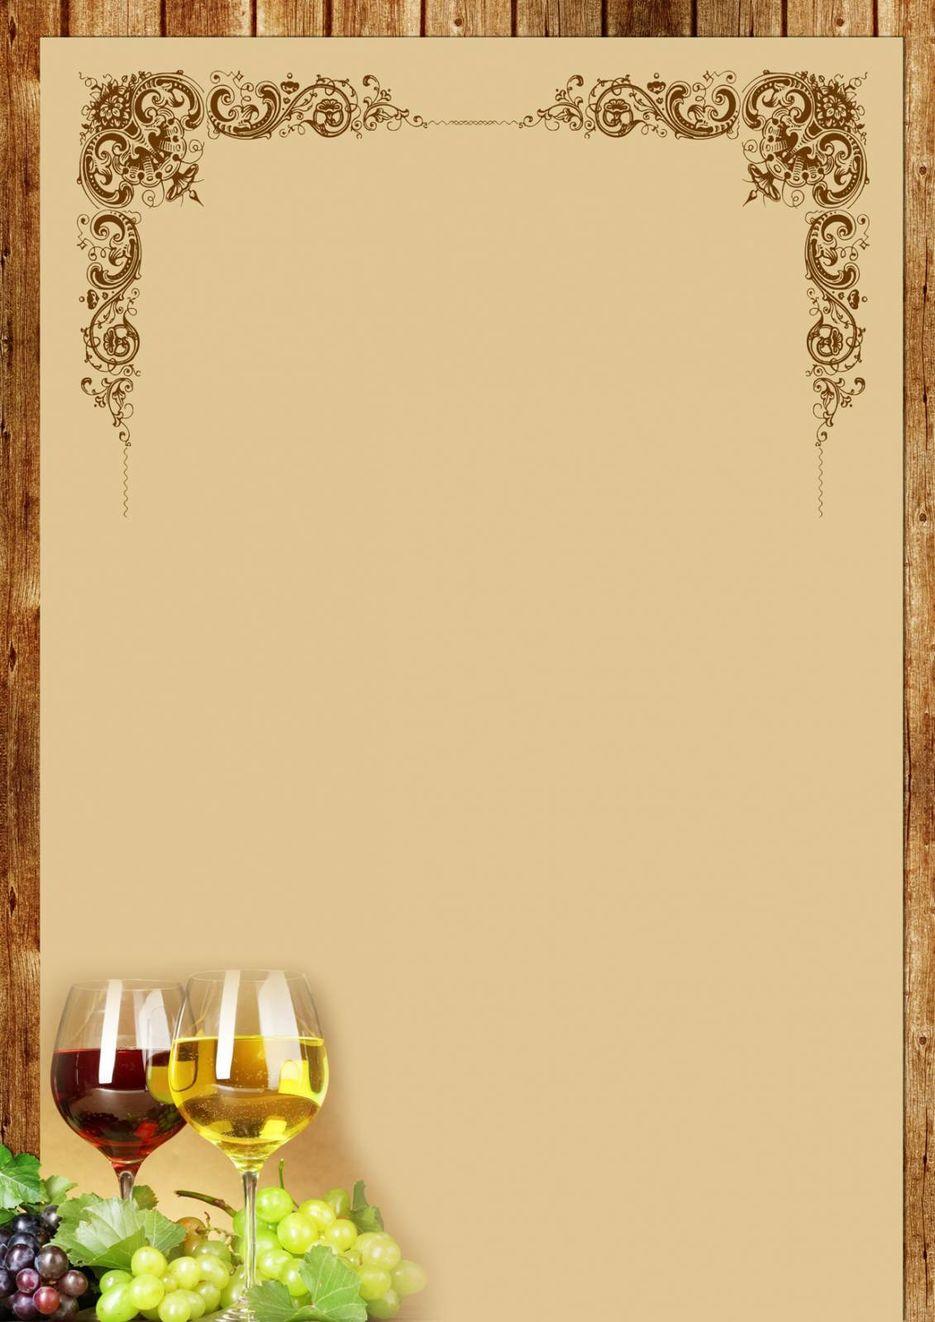 Картинки для винной карты в меню